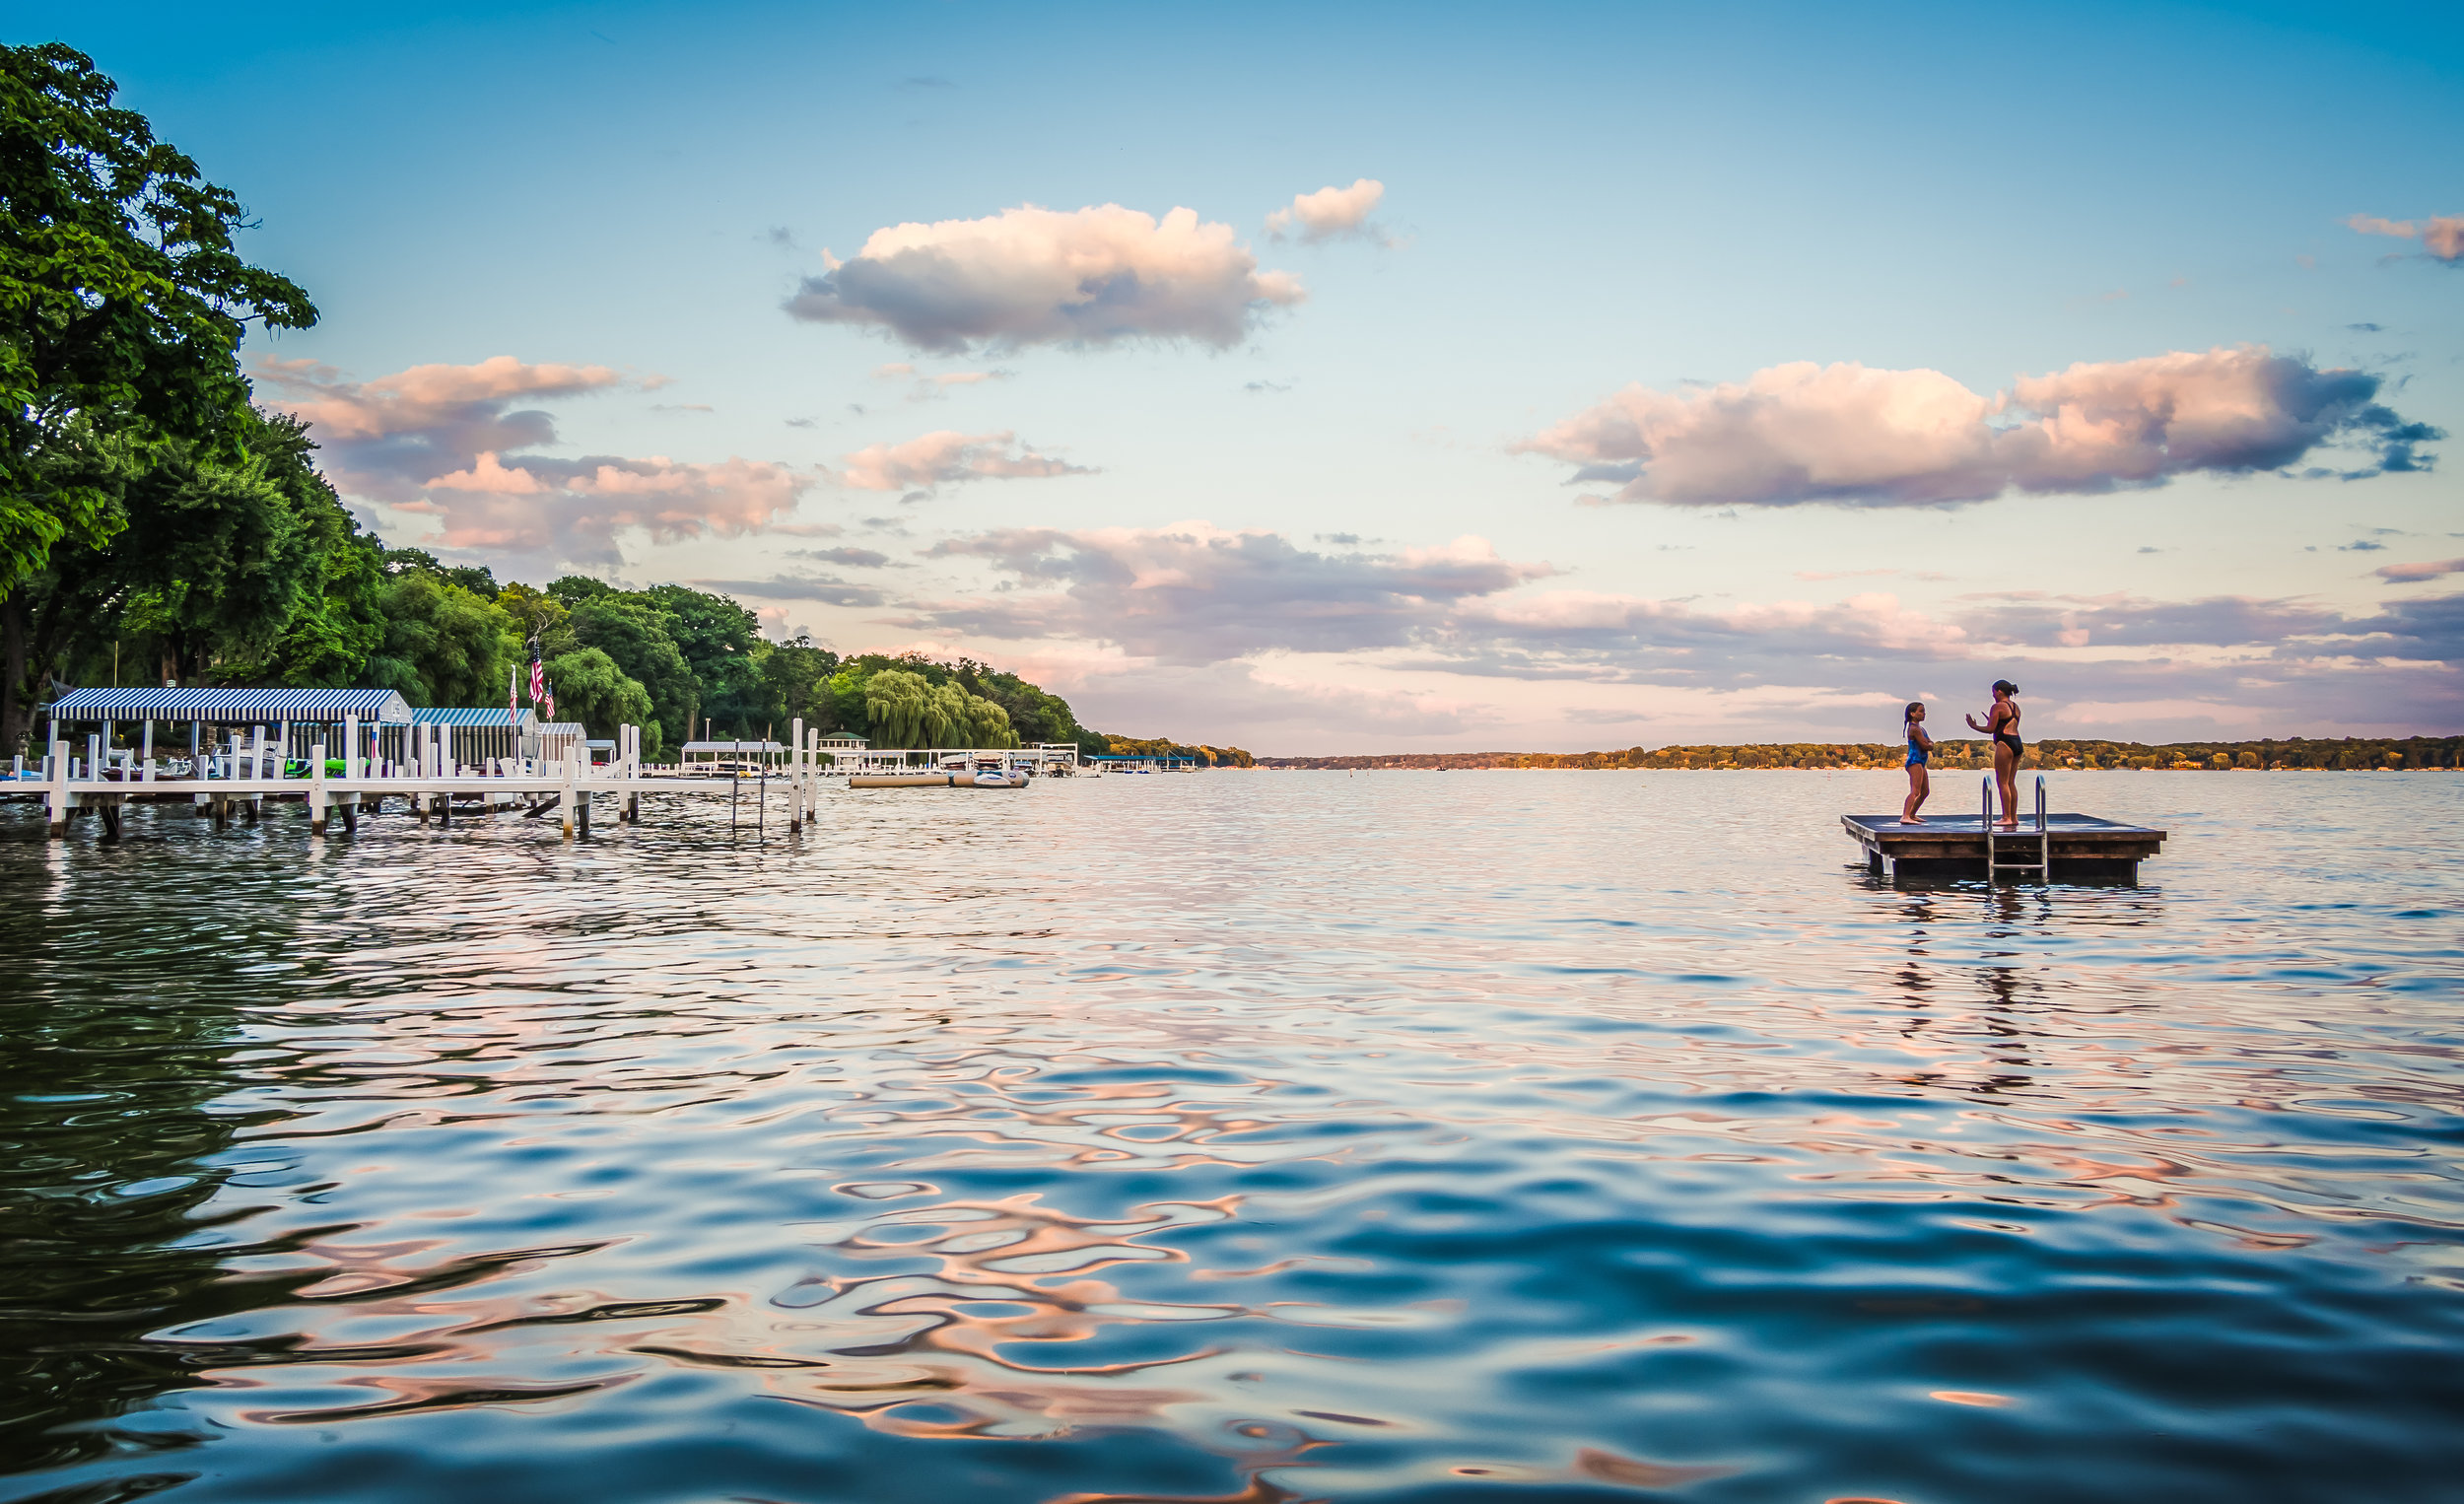 Knollwood Raft and Docks at Dusk-4426 x 2702.jpg